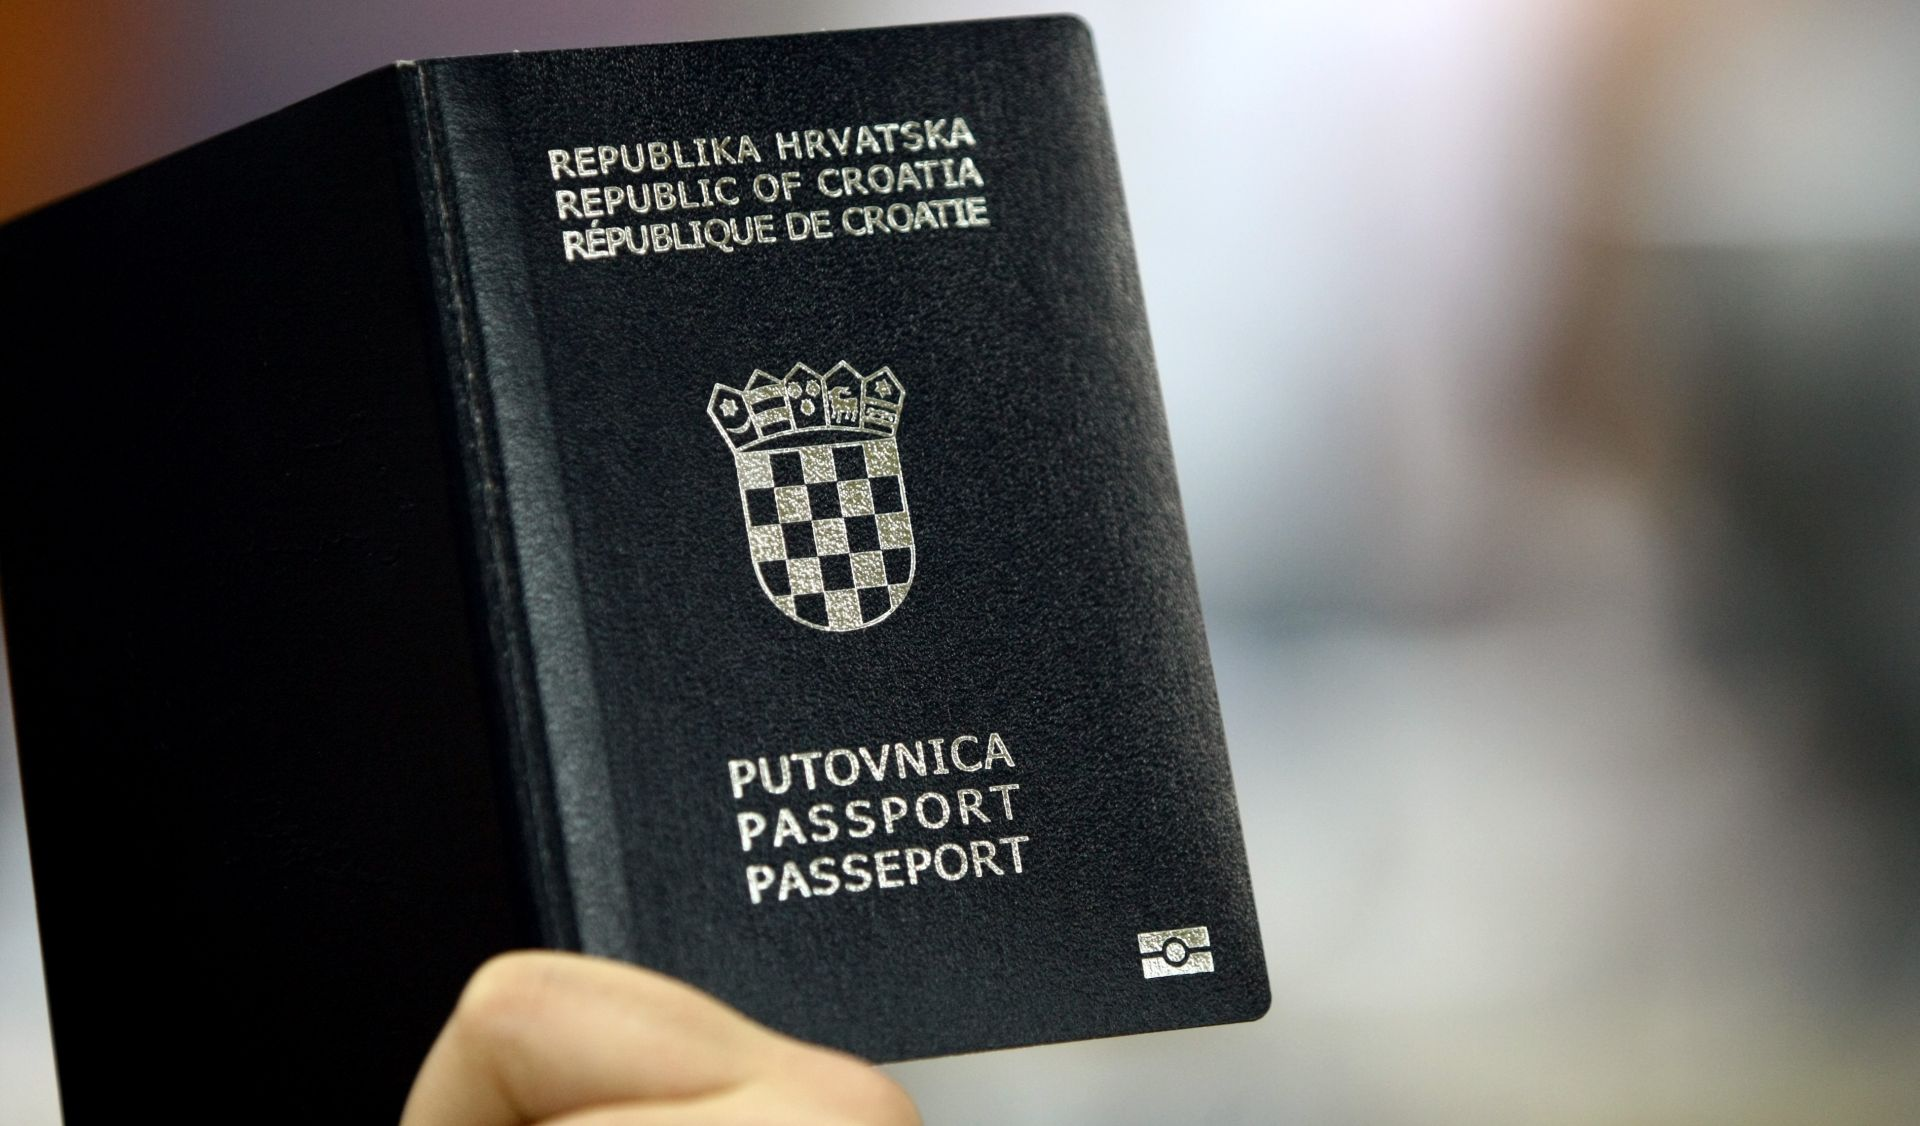 """EU ipak neće uvesti vize za državljane SAD-a, zaključili kako je to """"kontraproduktivno"""""""